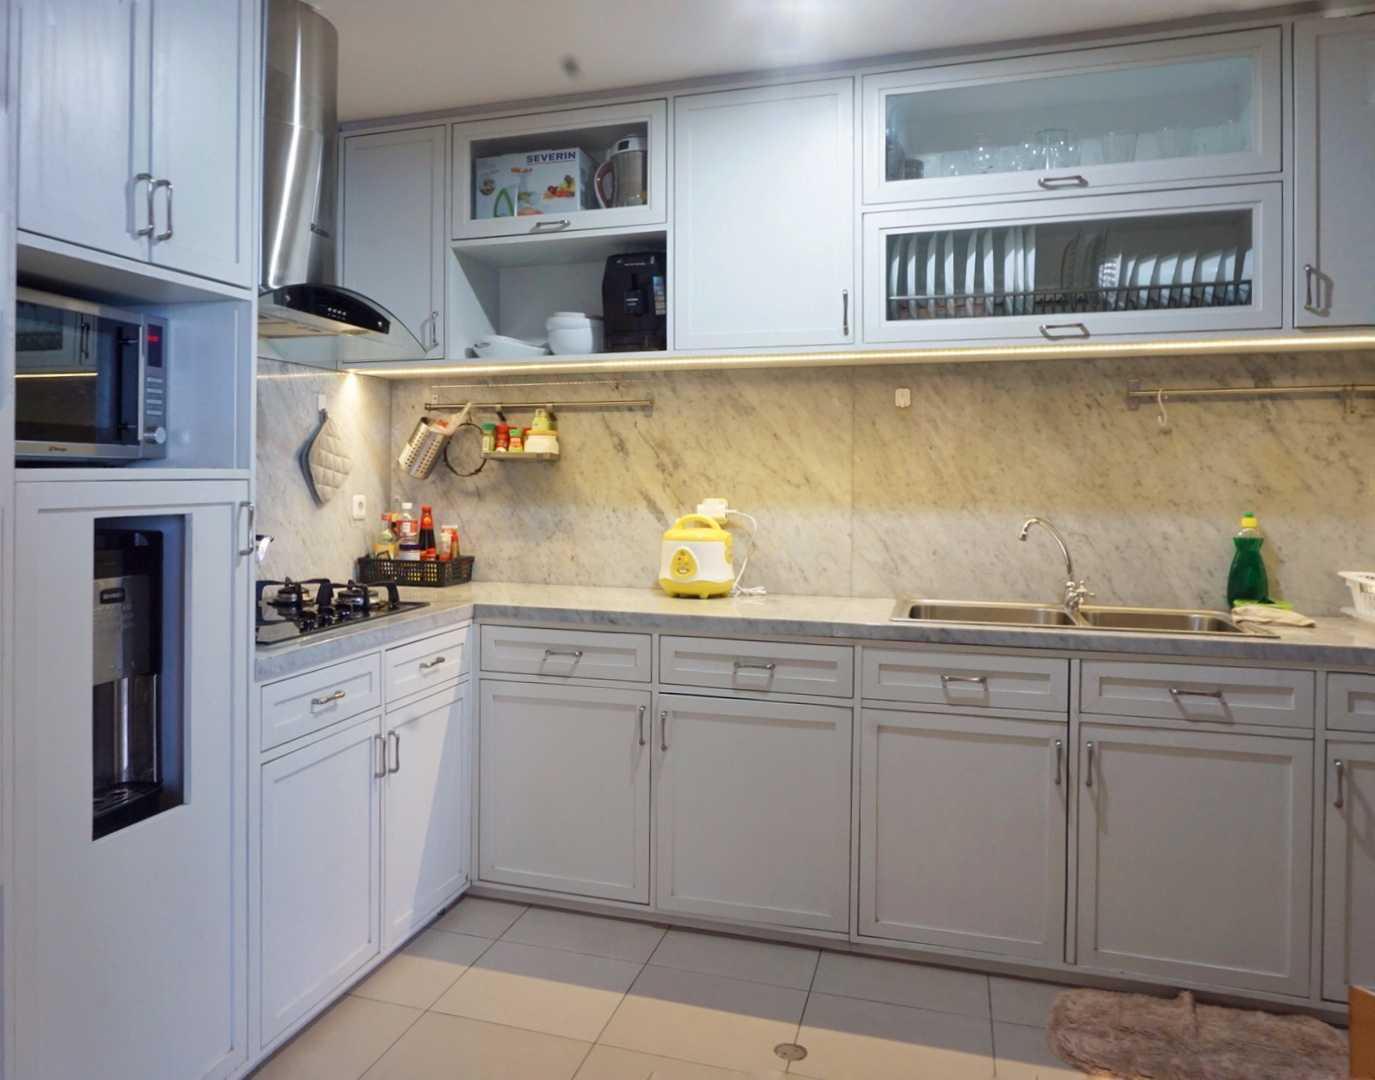 Ruang Putih Design & Build J Apartment Daerah Khusus Ibukota Jakarta, Indonesia Daerah Khusus Ibukota Jakarta, Indonesia Kitchen Room   43074